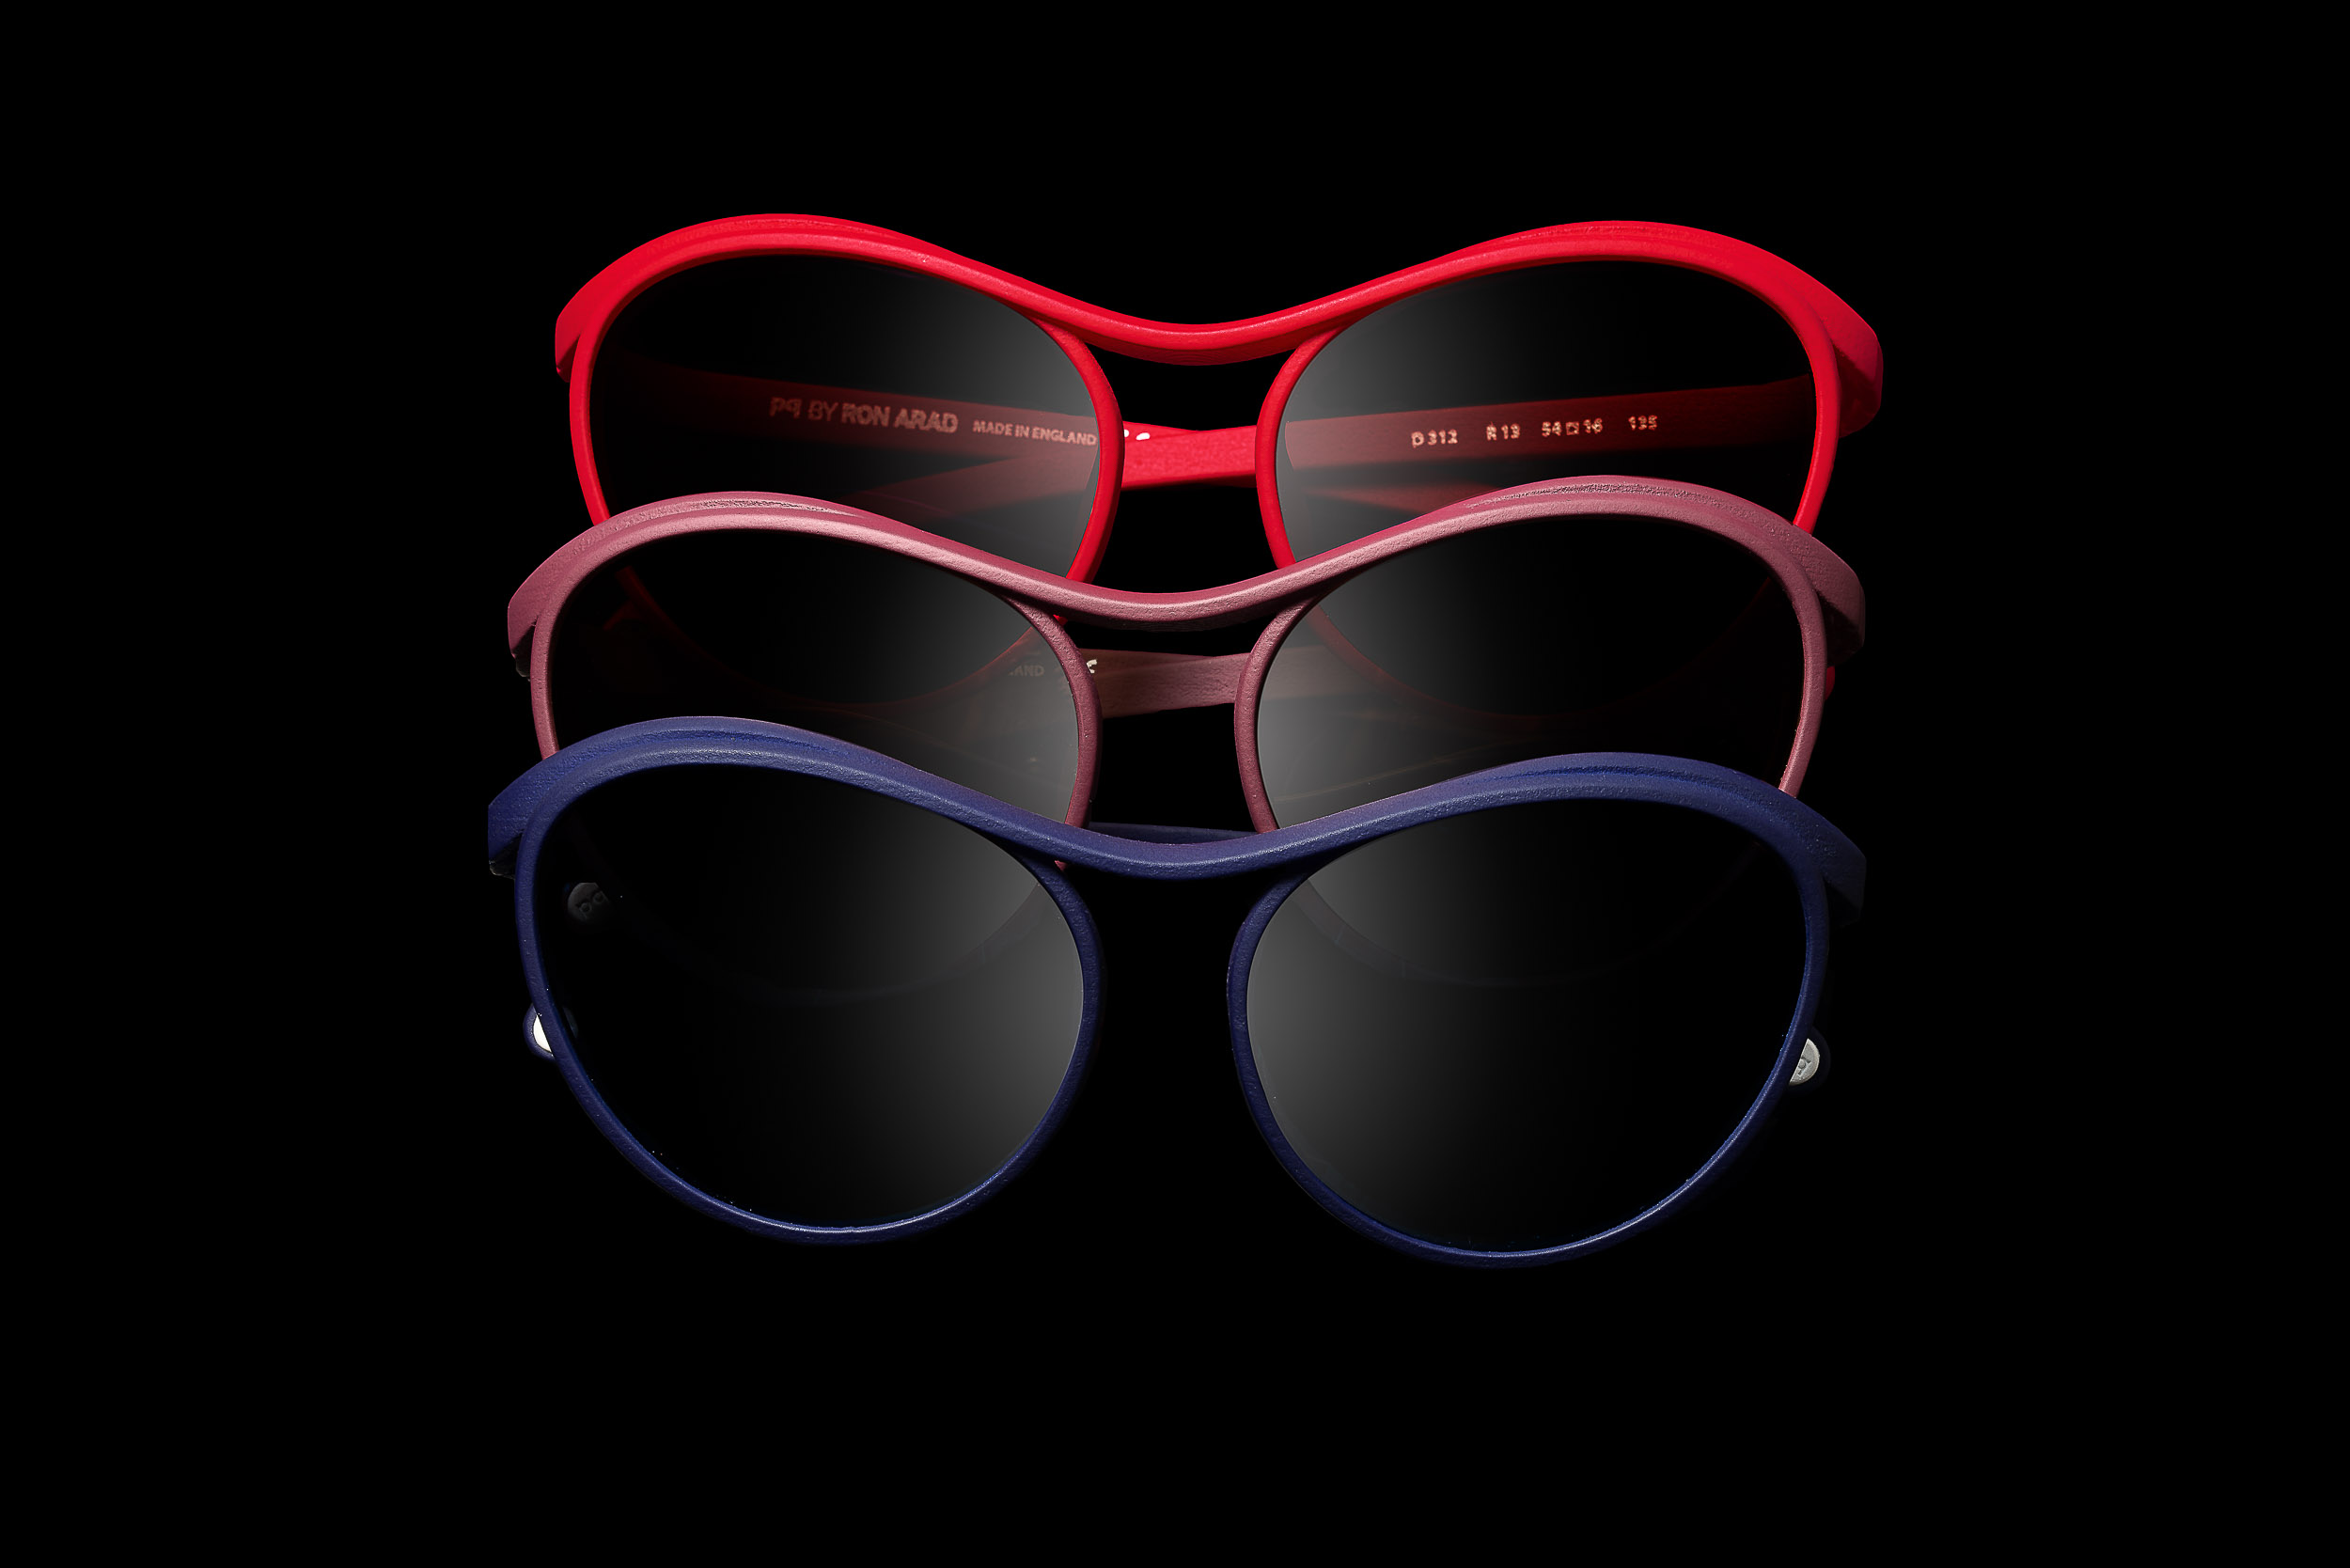 Occhiale progettato da Ron Arad e stampato in 3d dalla PQ Spa, Fotografia di Larix Studio